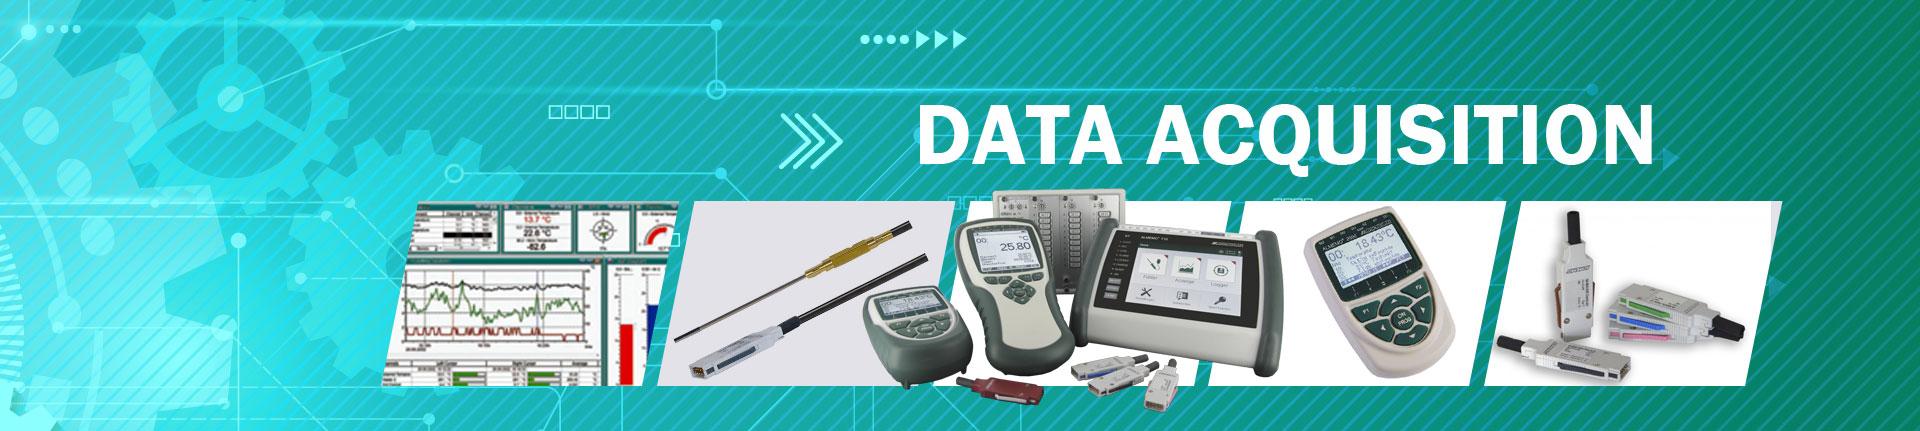 Data_slide